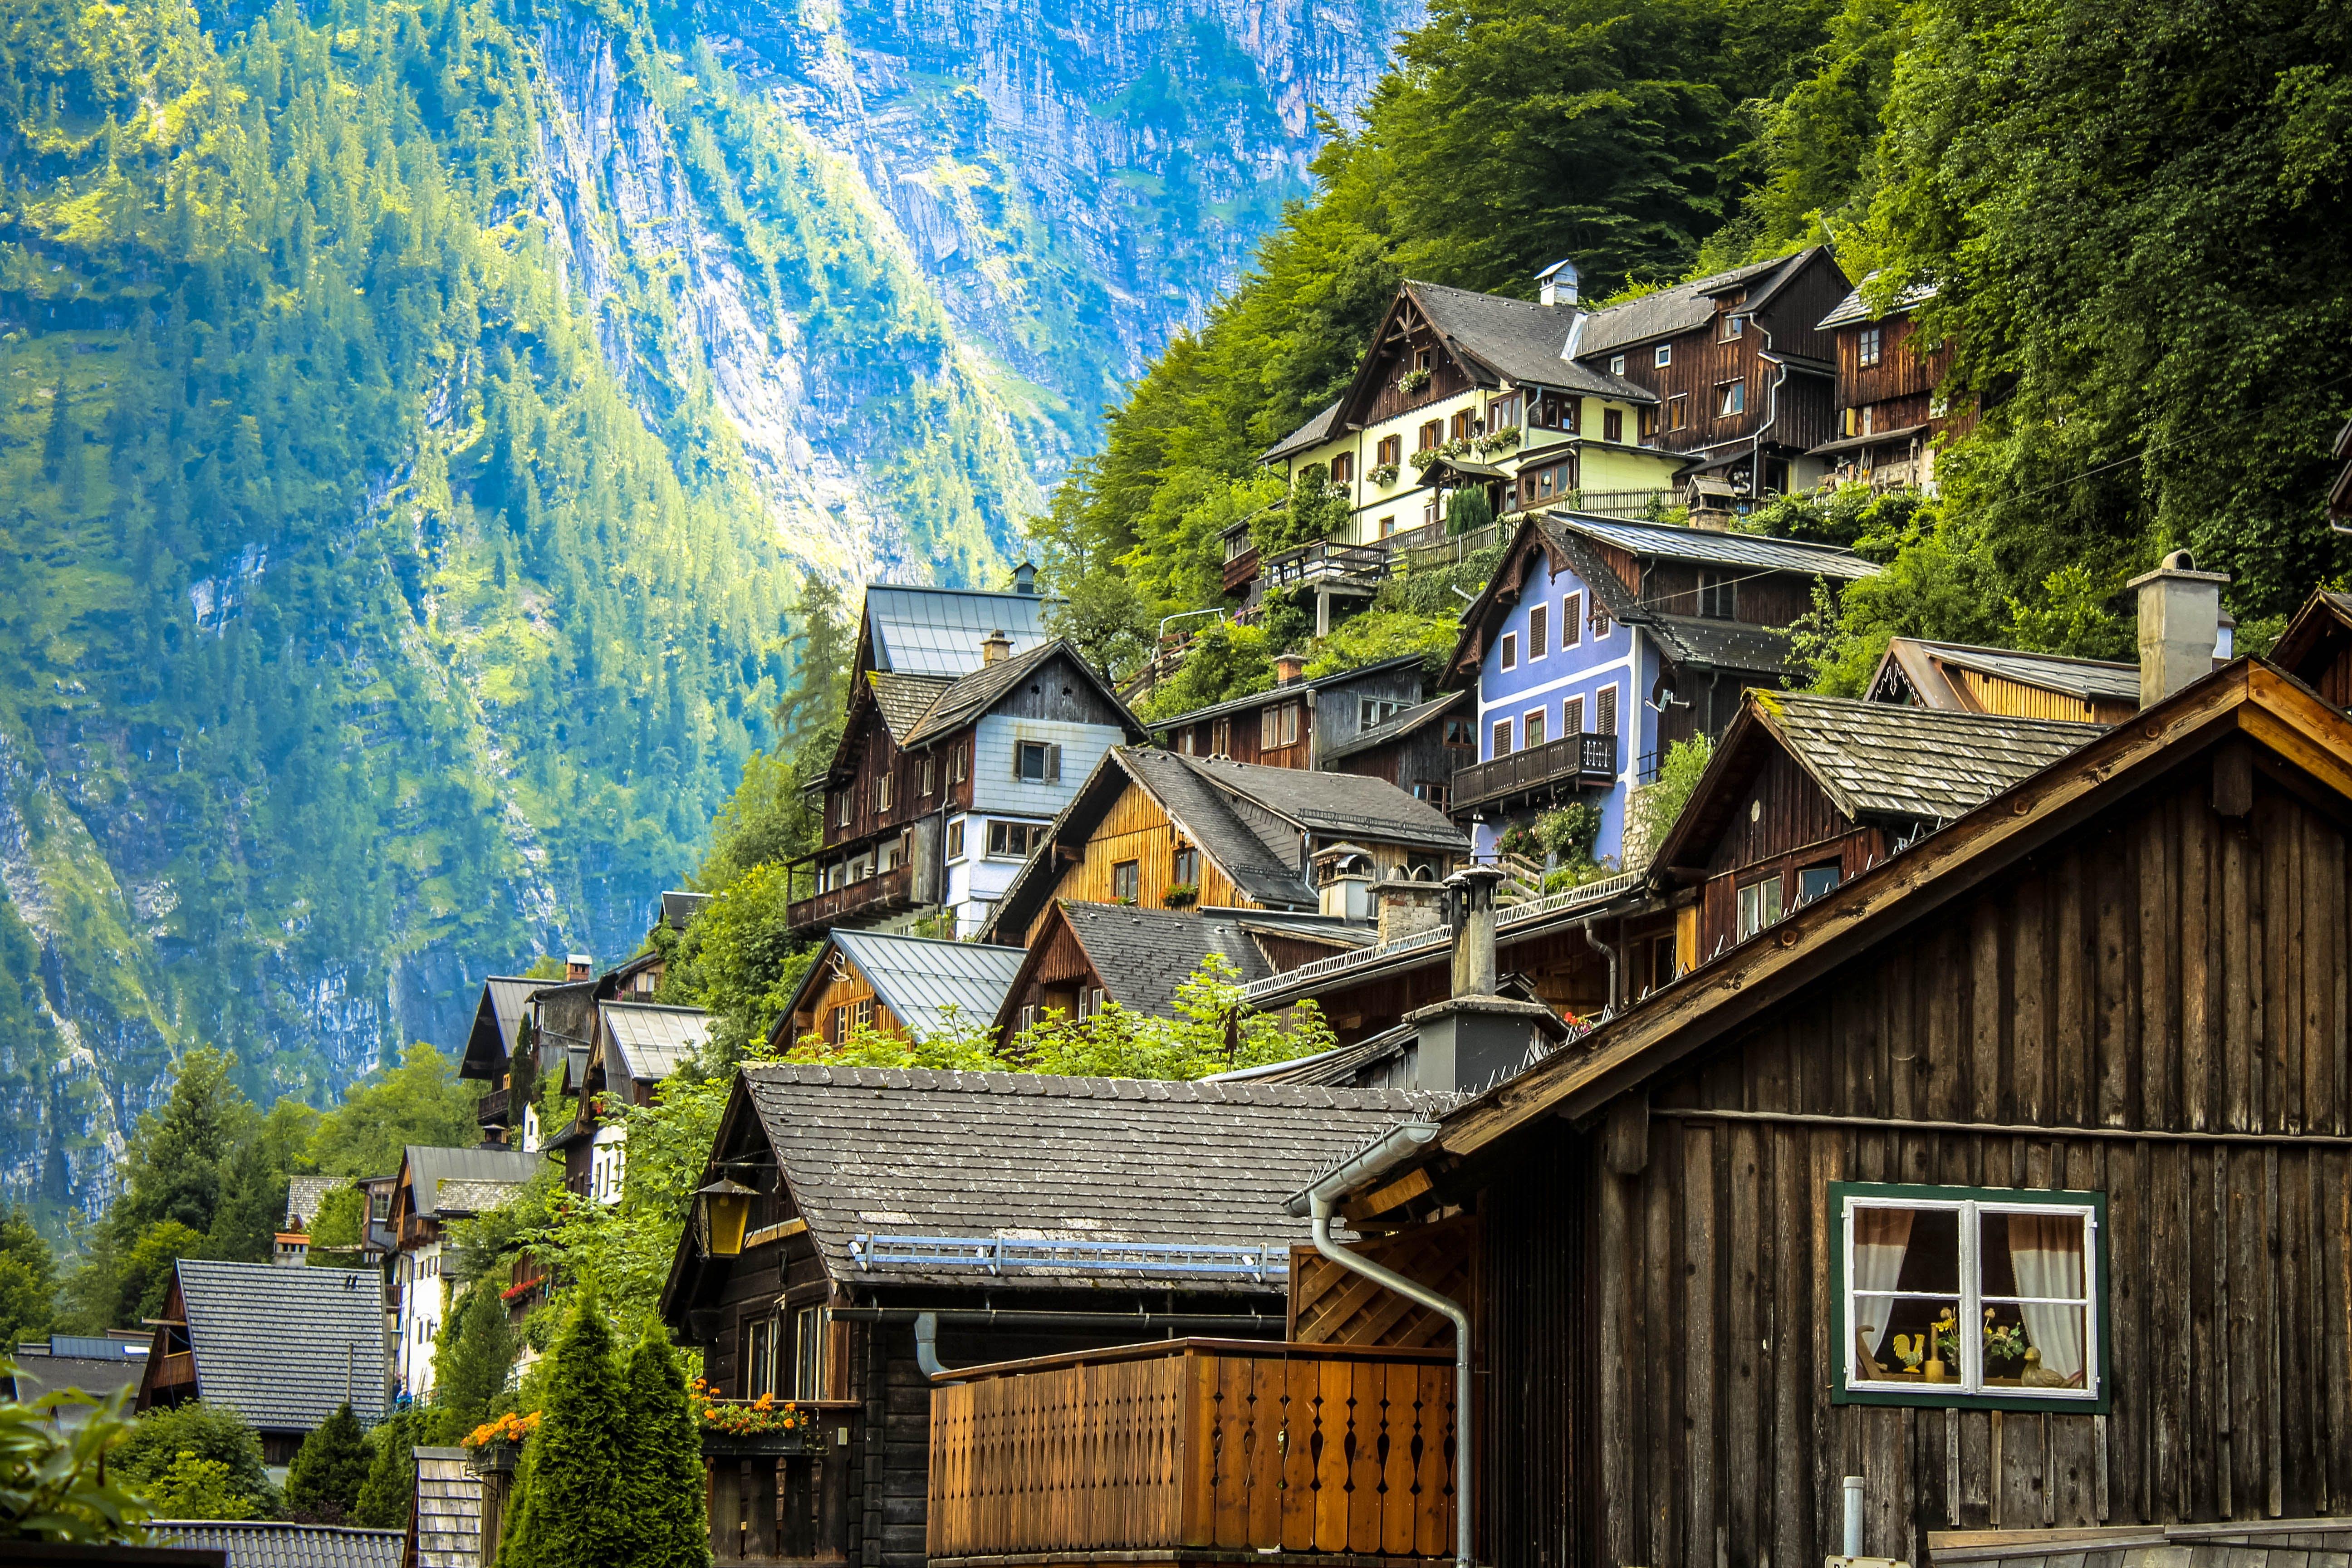 Kostenloses Stock Foto zu holz, landschaft, häuser, sommer